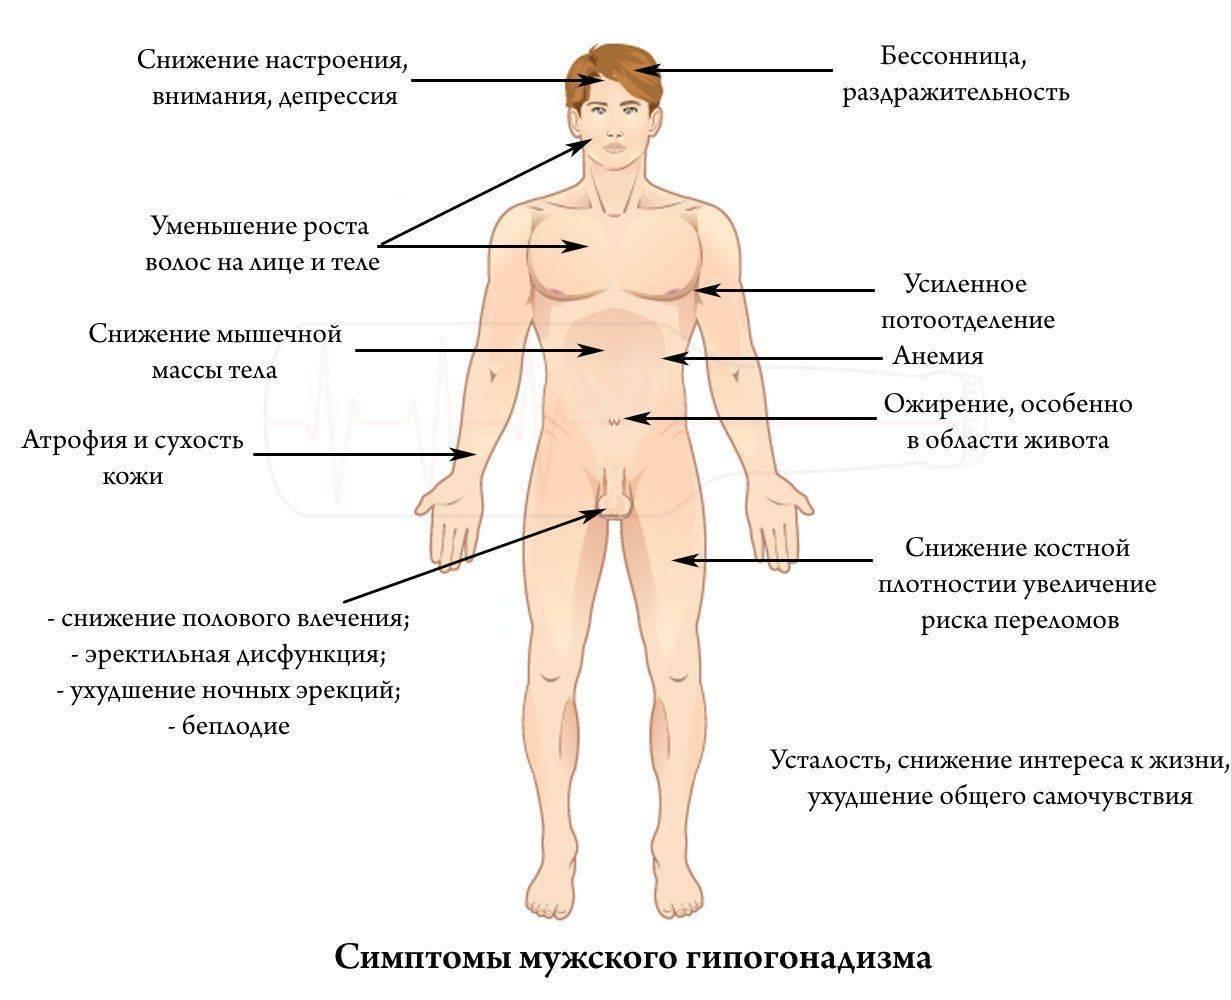 Гипогонадизм у мужчин — симптомы и лечение